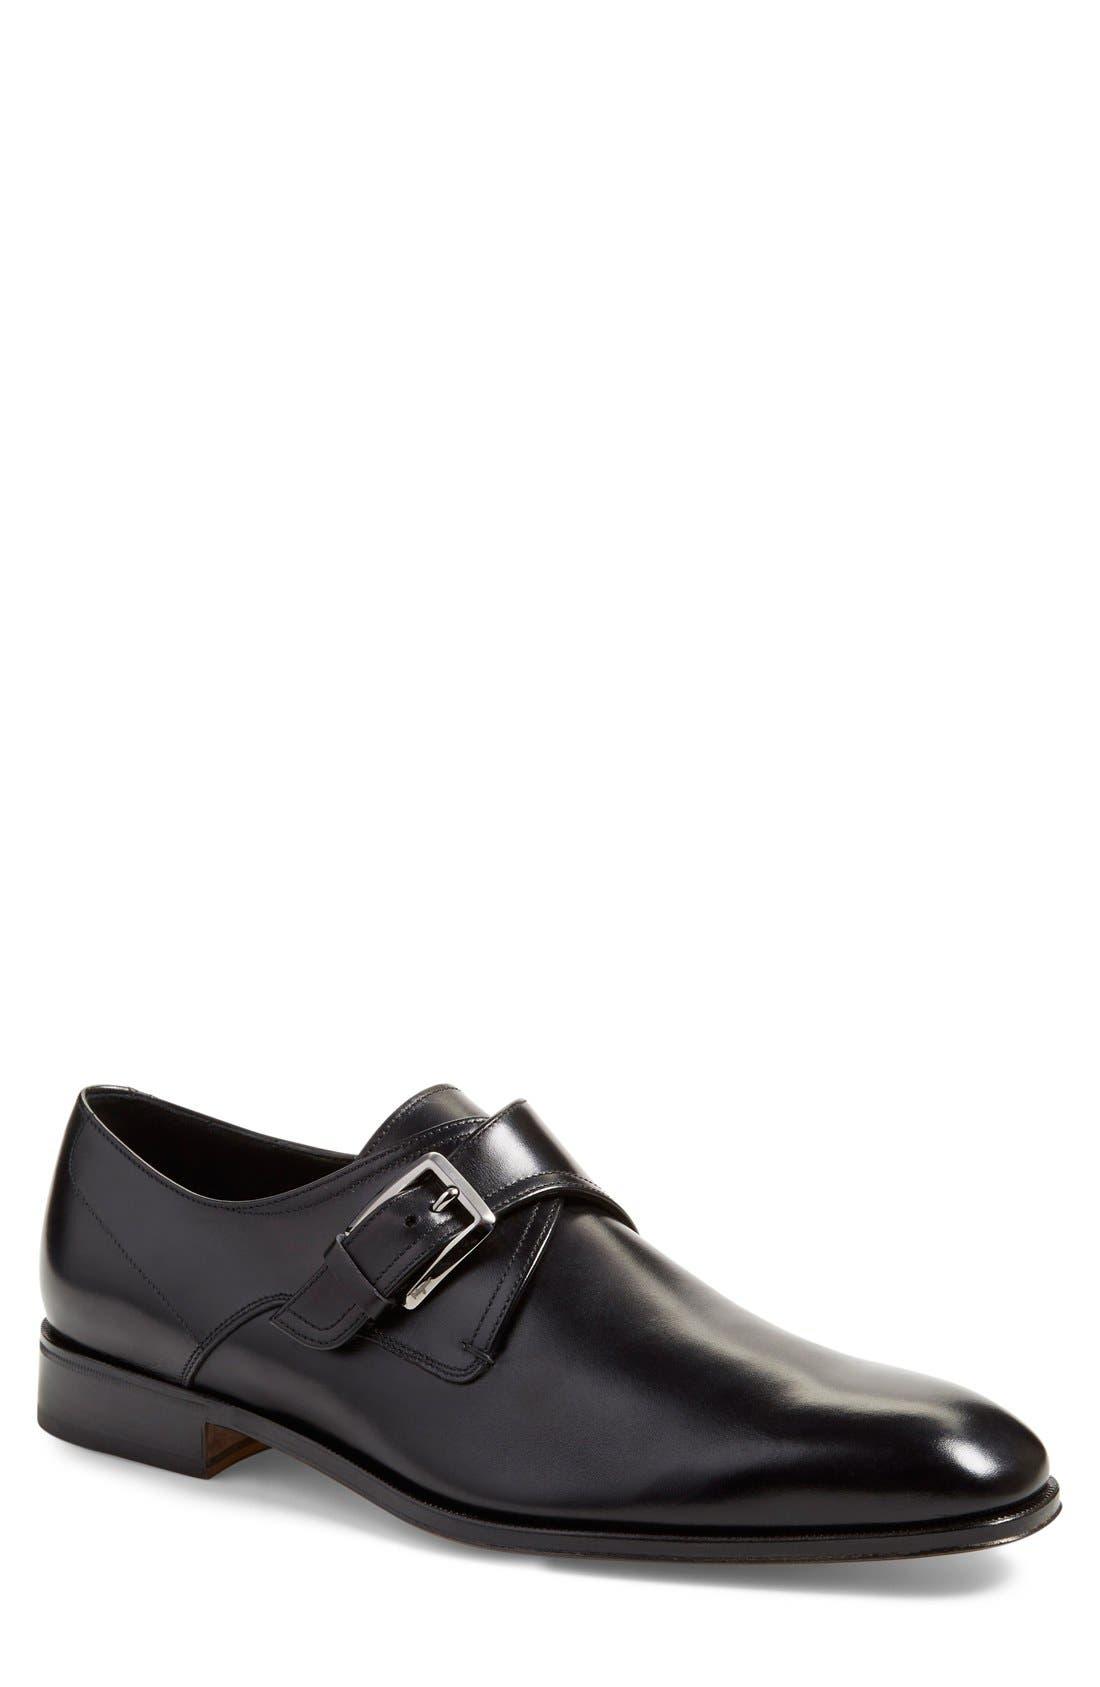 SALVATORE FERRAGAMO Modungo Single Monk Strap Shoe